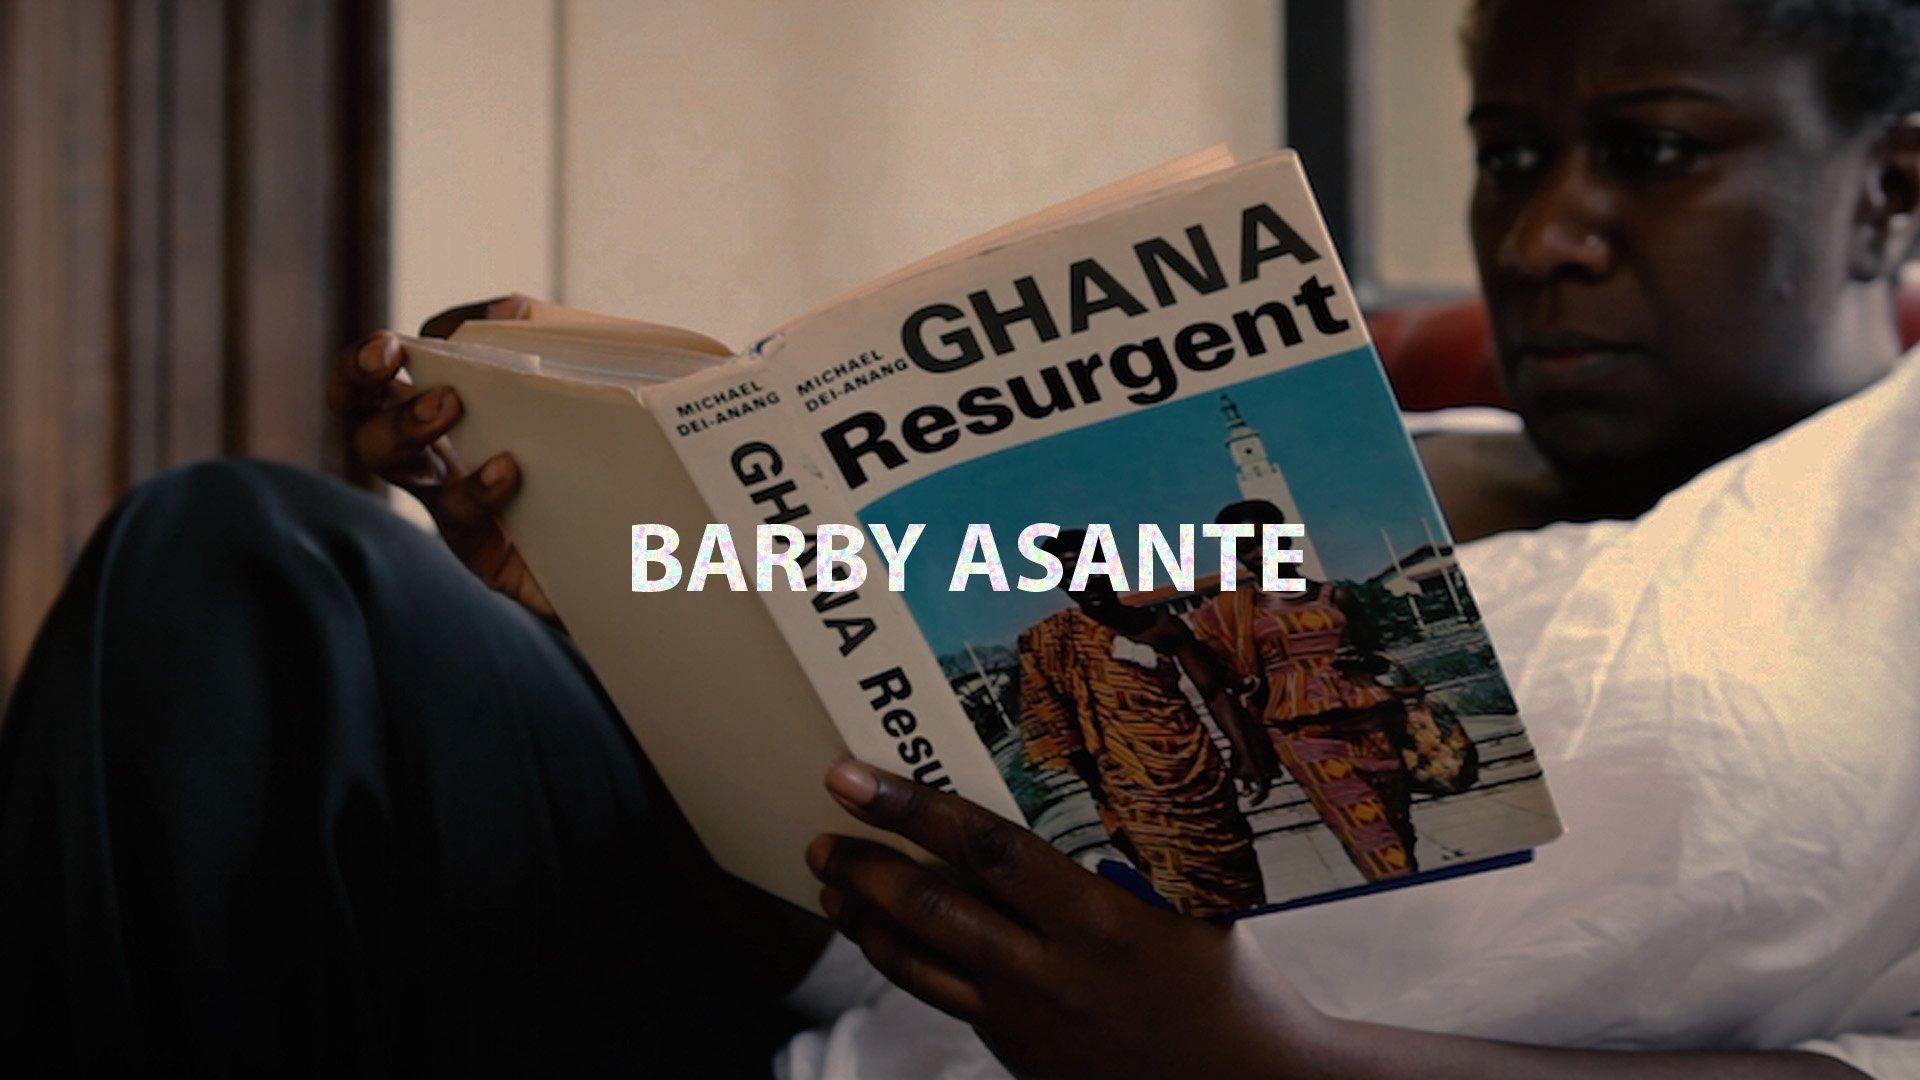 The artist reads a book titled 'Ghana Resurgent'